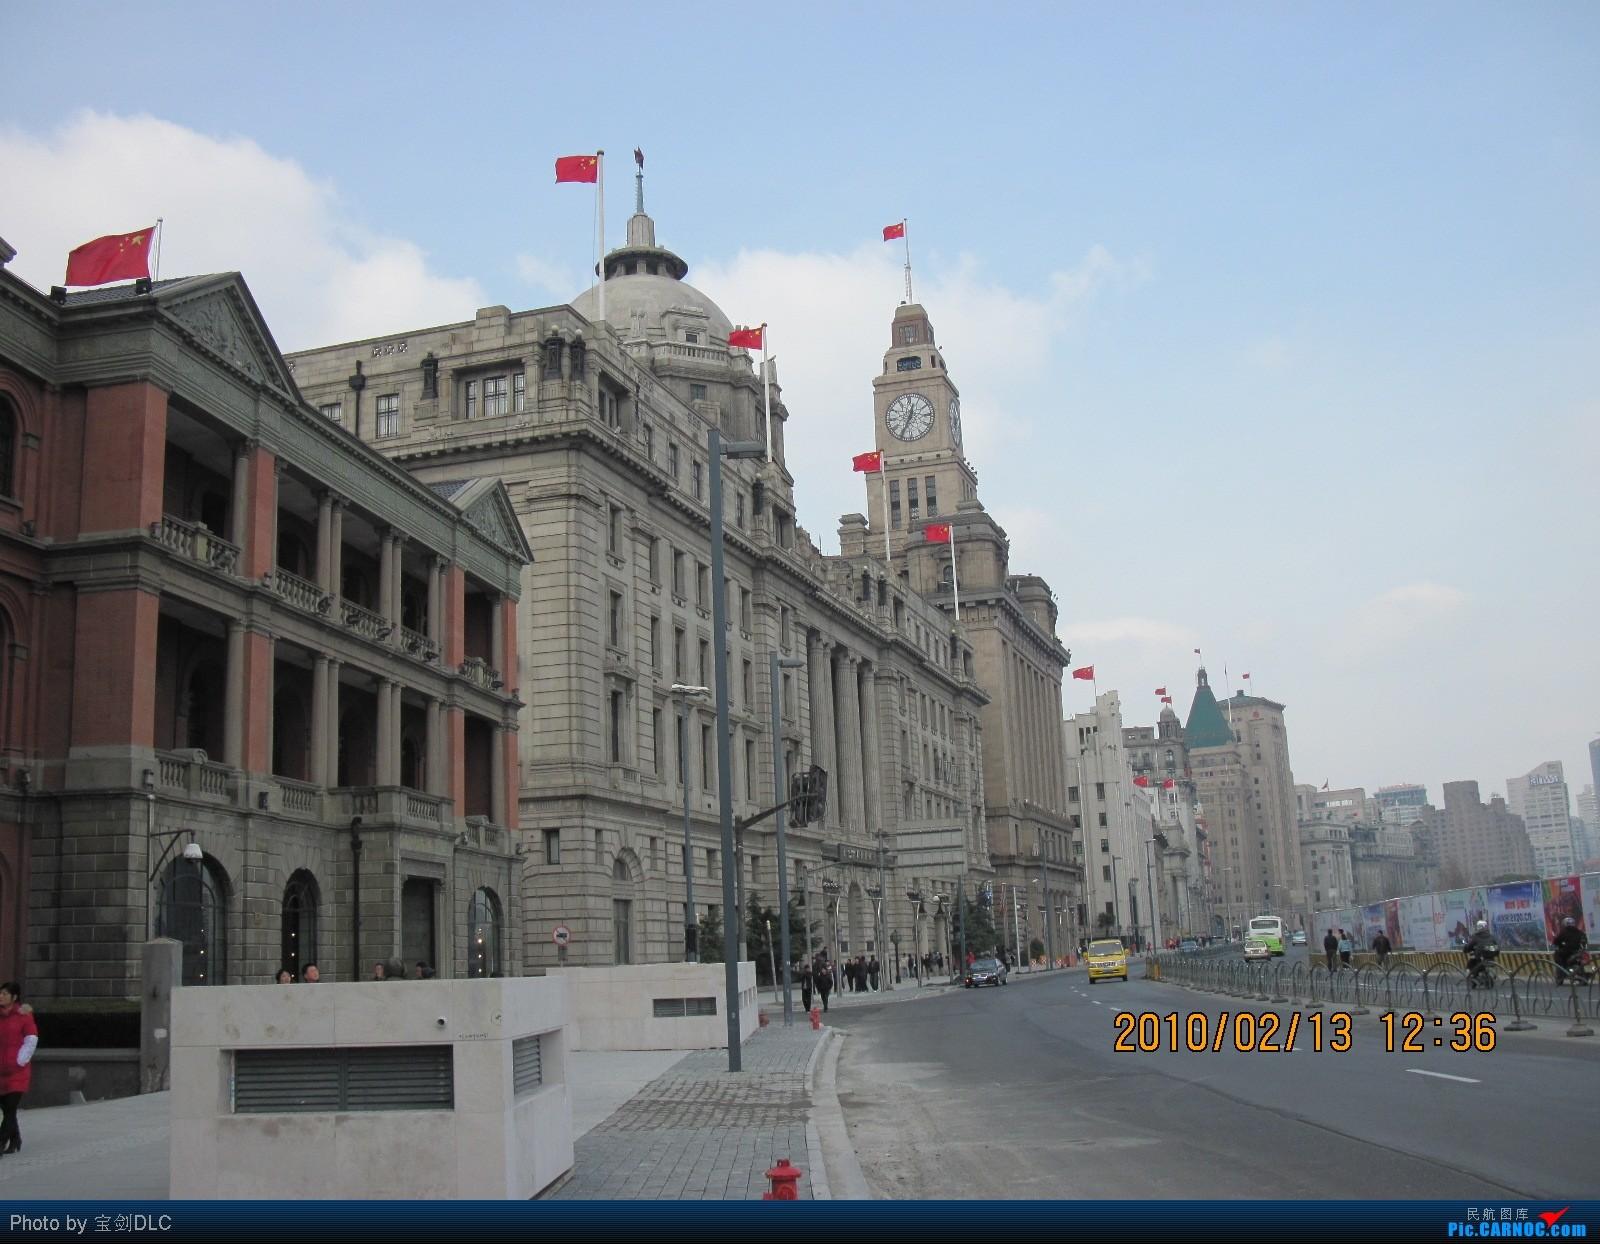 >>[原创]大连——上海游记之三 上海风景:外滩万国建筑群 外白渡桥